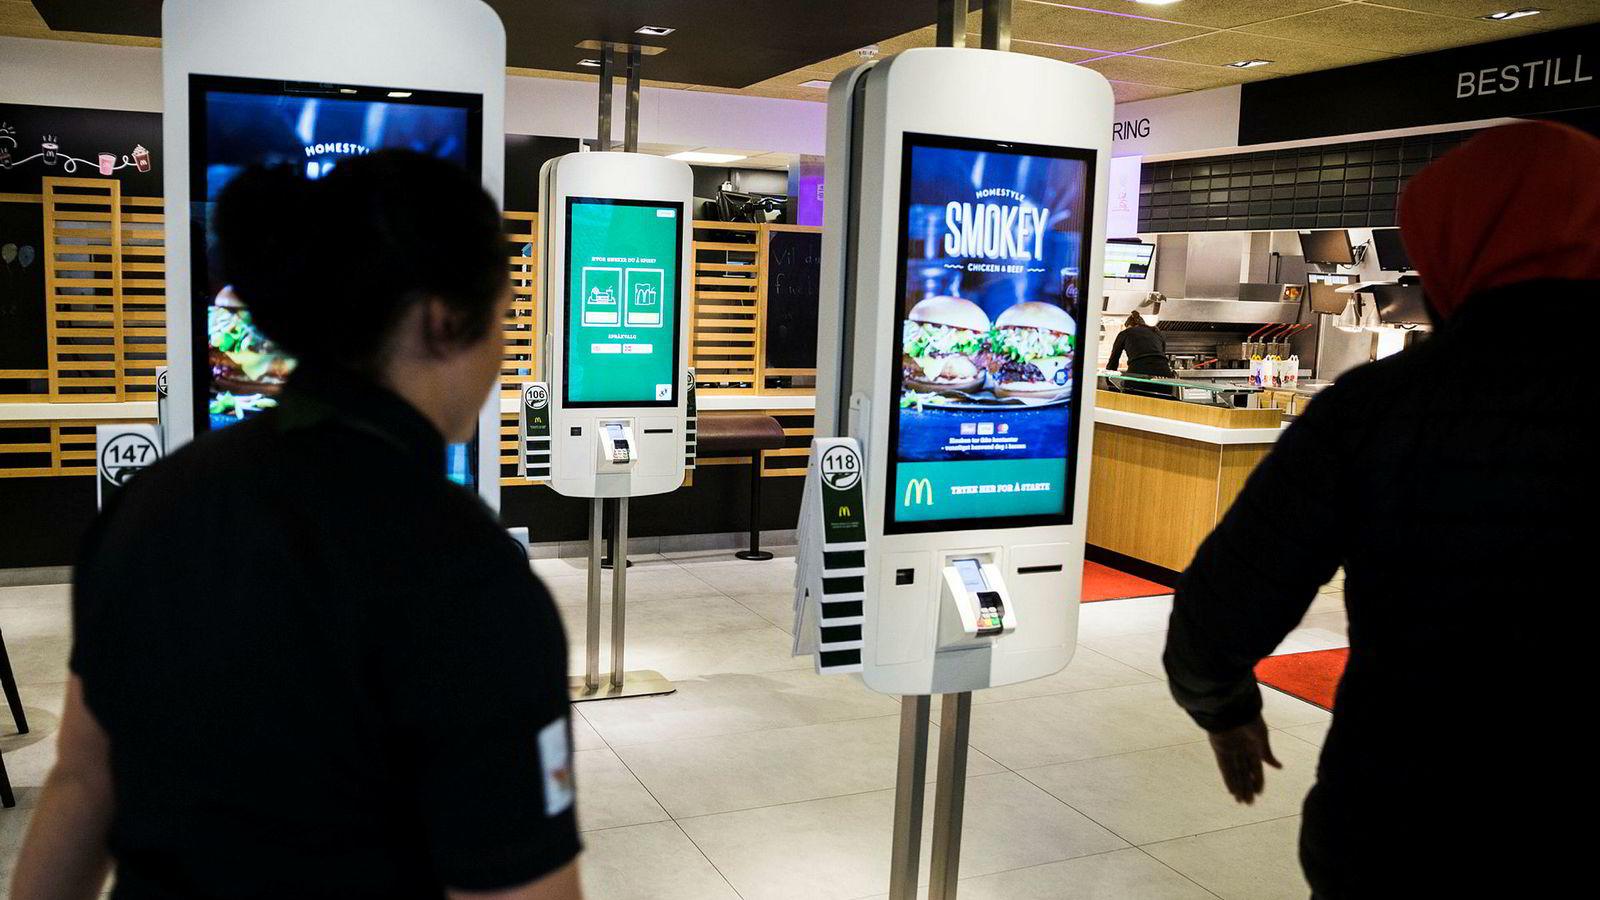 Slik blir den nye generasjonen McDonalds som her på Alnabru. Kundene bestiller selv på automatene og får levert maten på bordet etter noen minutter.